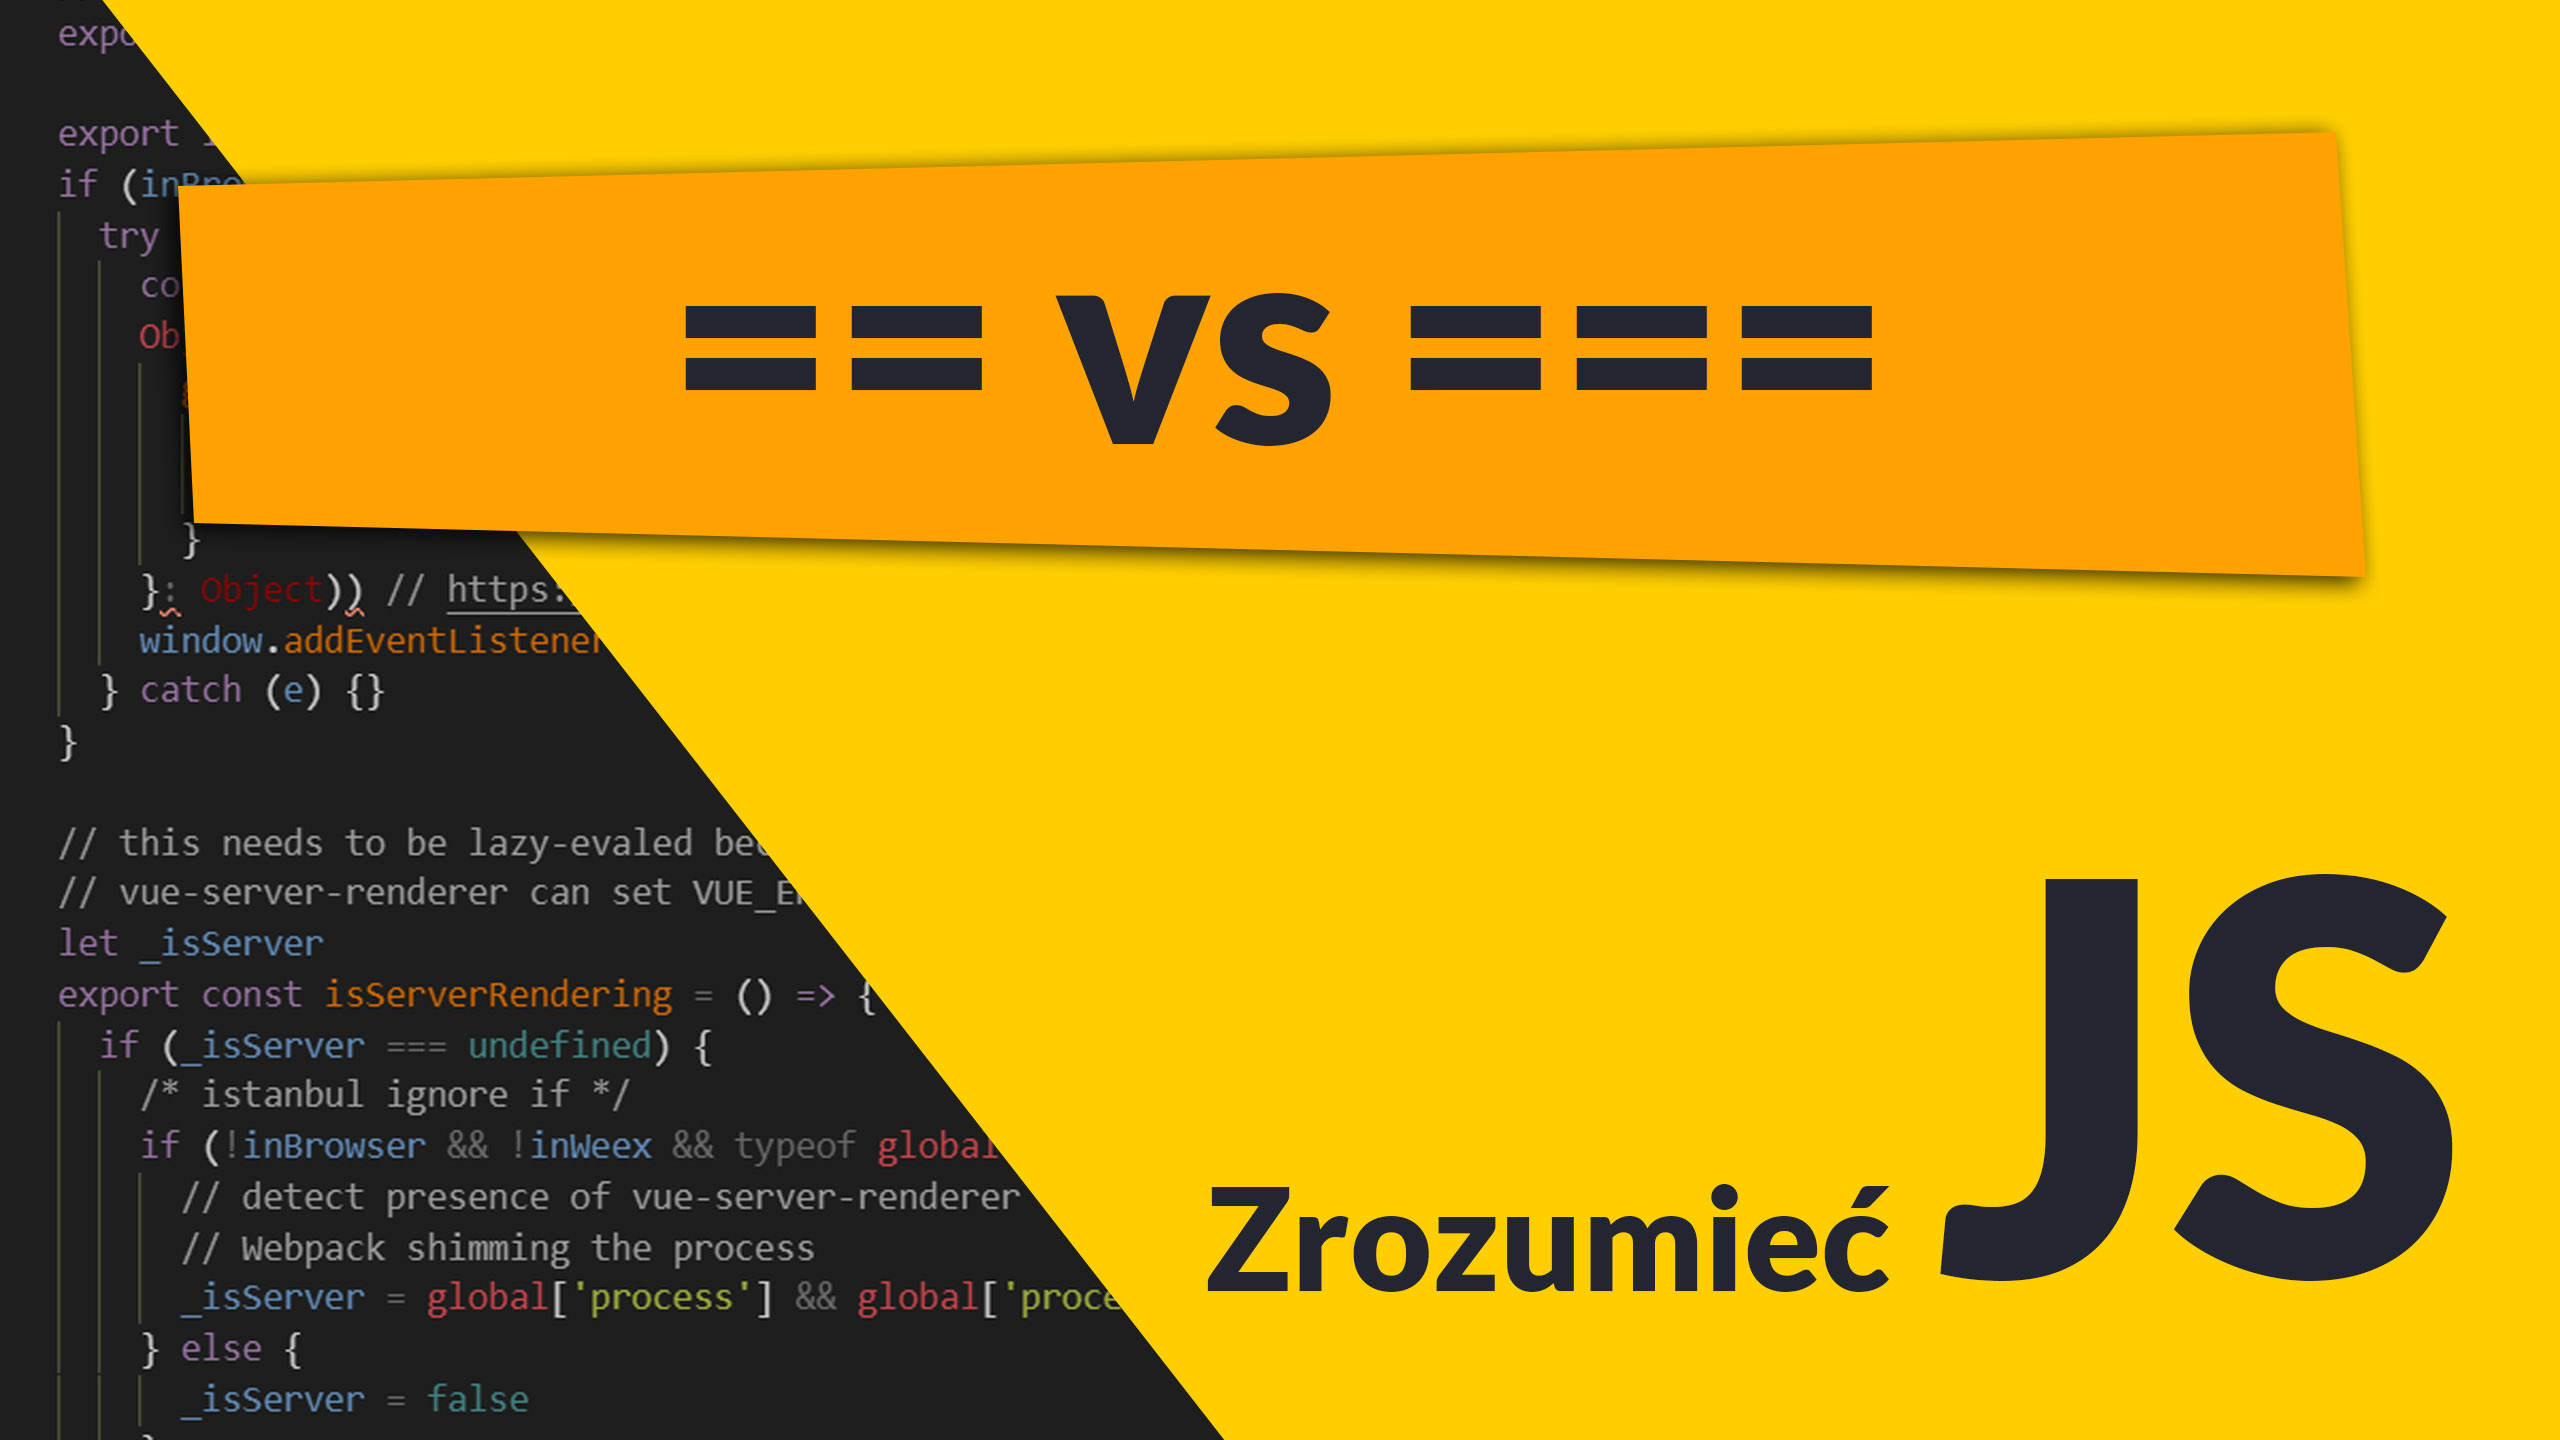 zrozumiec js vs  - == vs ===, czyli o koercji typów (#1 Zrozumieć JavaScript)